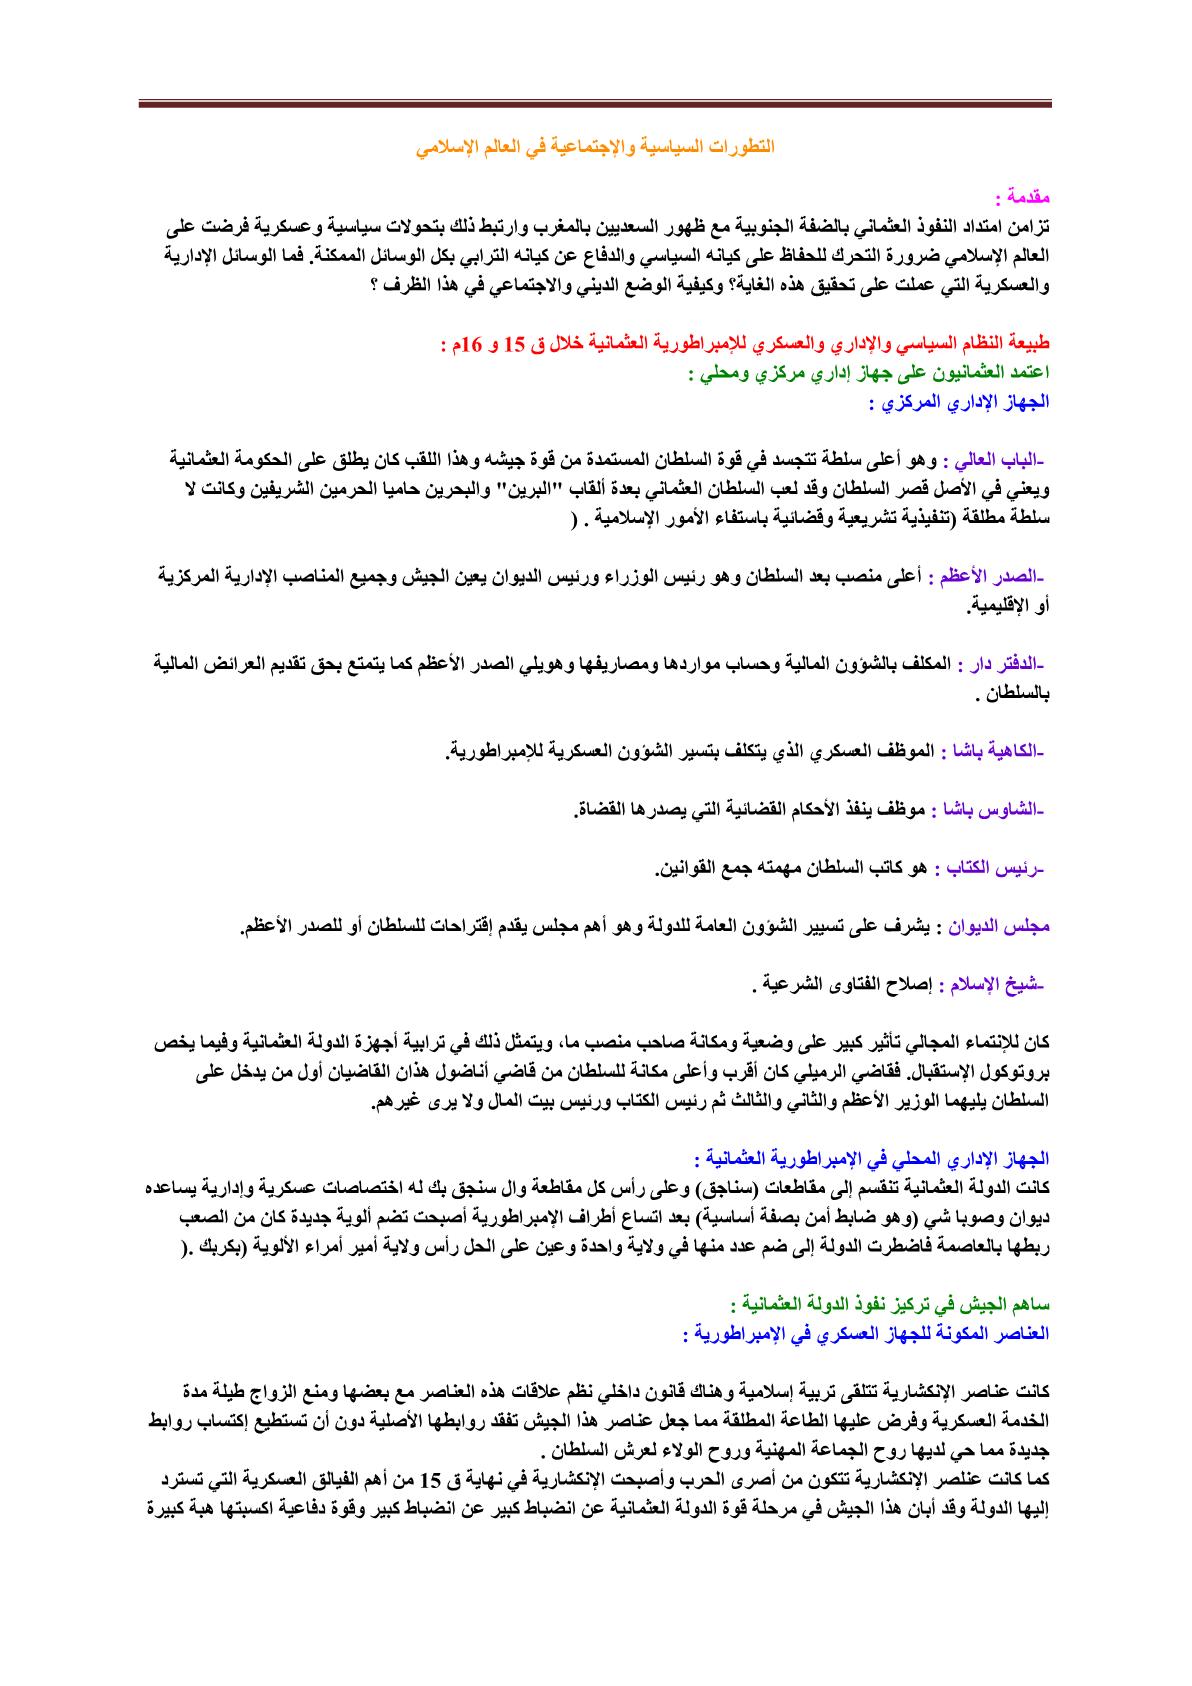 درس التطورات السياسية والإجتماعية في العالم الإسلامي الجدع مشترك اداب وعلوم انسانية